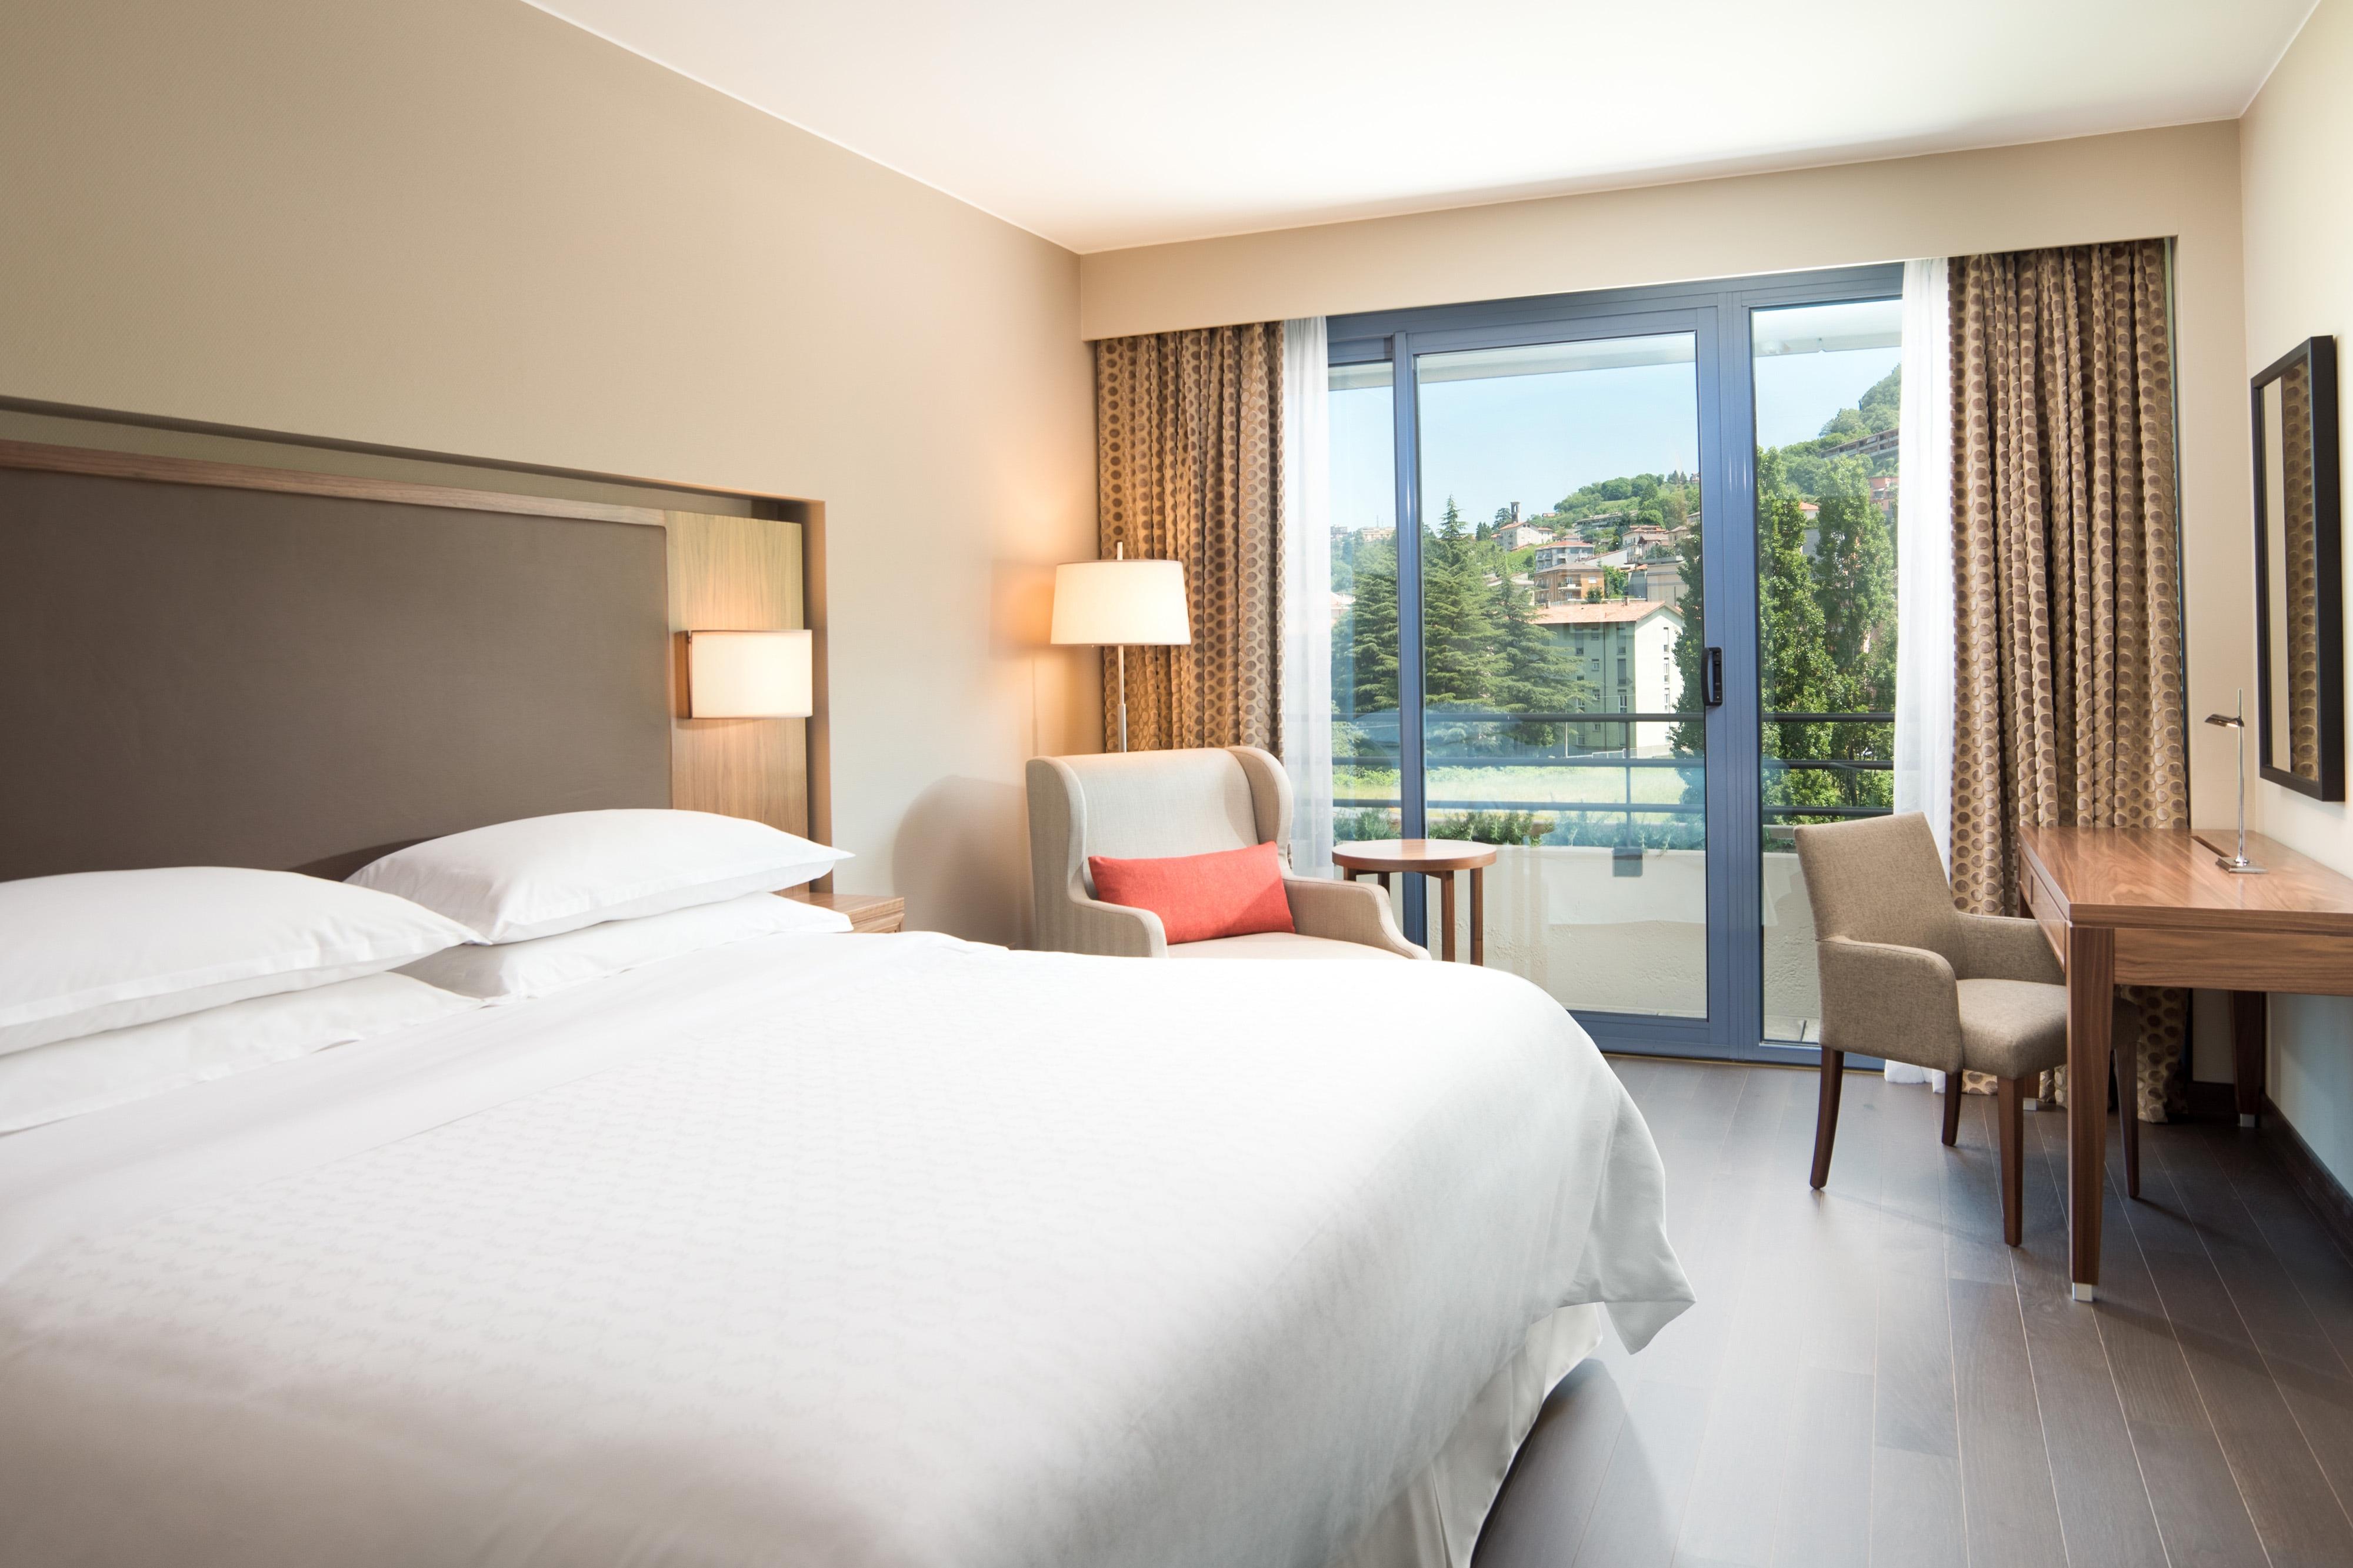 Chambre Deluxe avec lit king size et vue sur la piscine